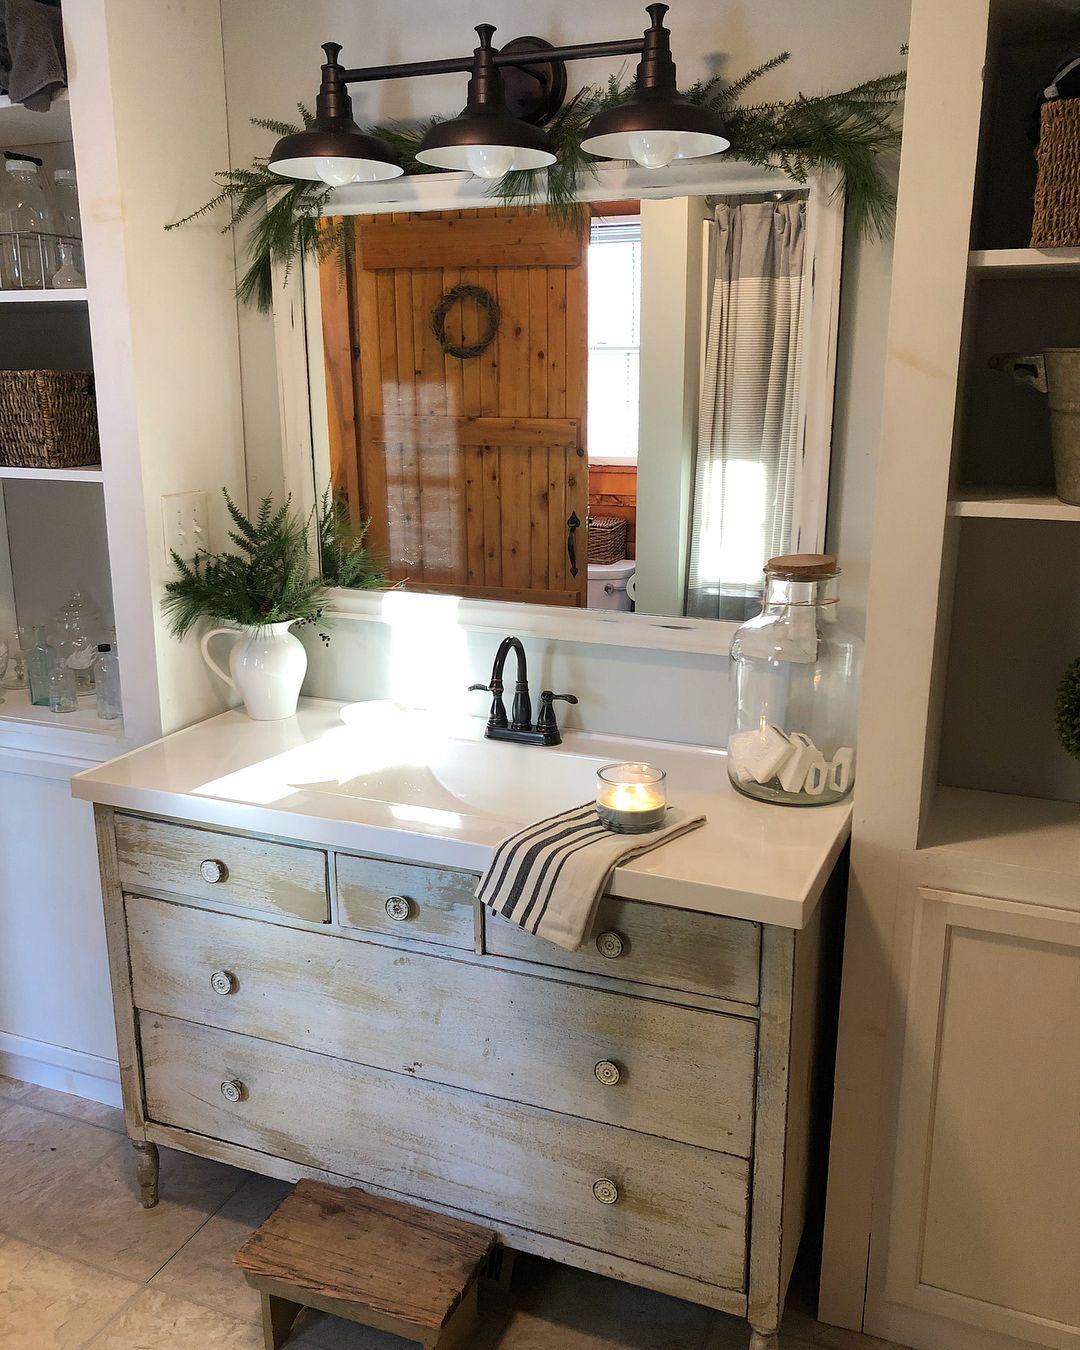 Badezimmer ideen bauernhaus pin von chiara lovera auf home  pinterest  badezimmer badezimmer